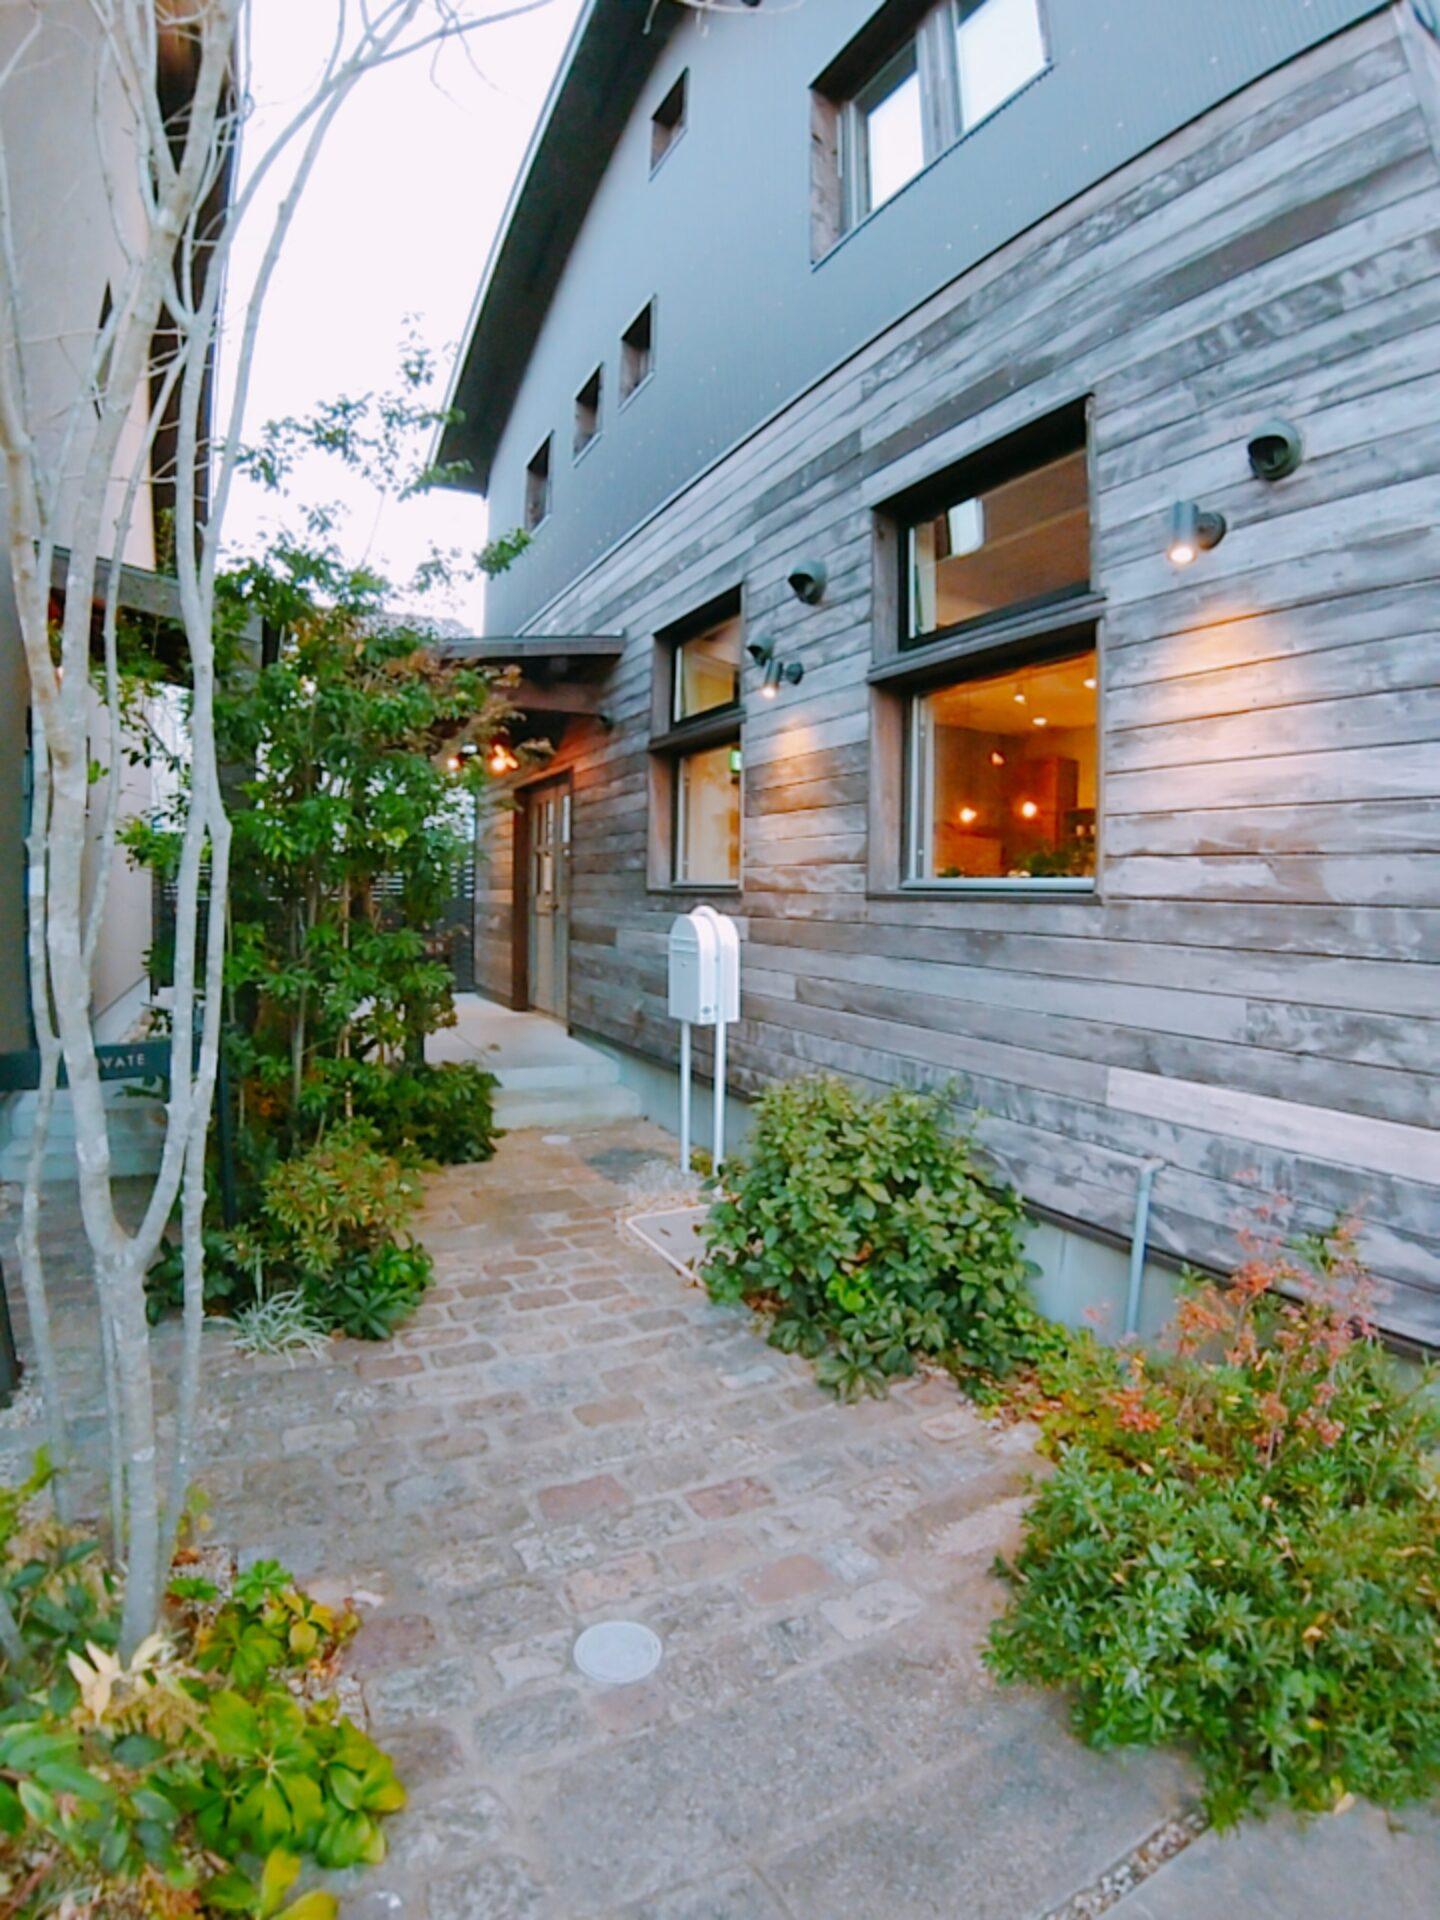 滋賀県,カフェ,スイーツ,大津カフェ,オシャレ